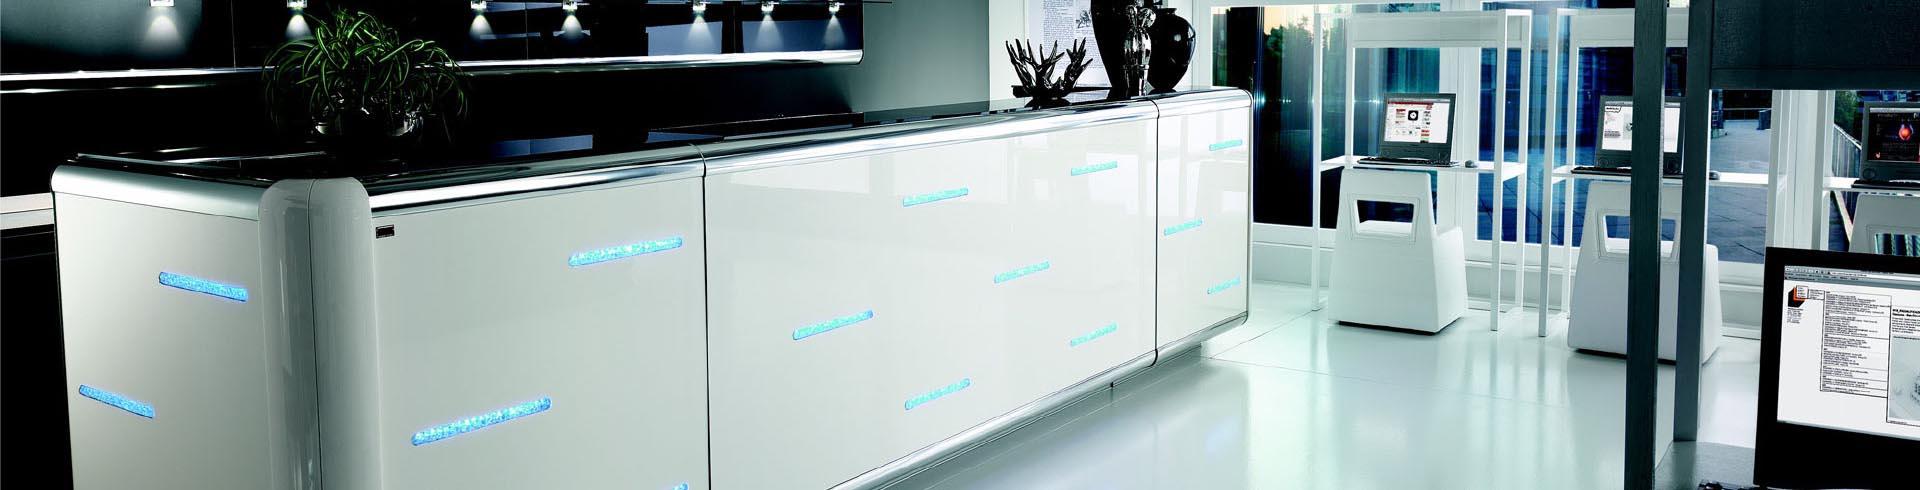 Pannelli per mobili prem line produzione pannelli lucidi per l 39 arredo - Pannelli decorativi per mobili ...